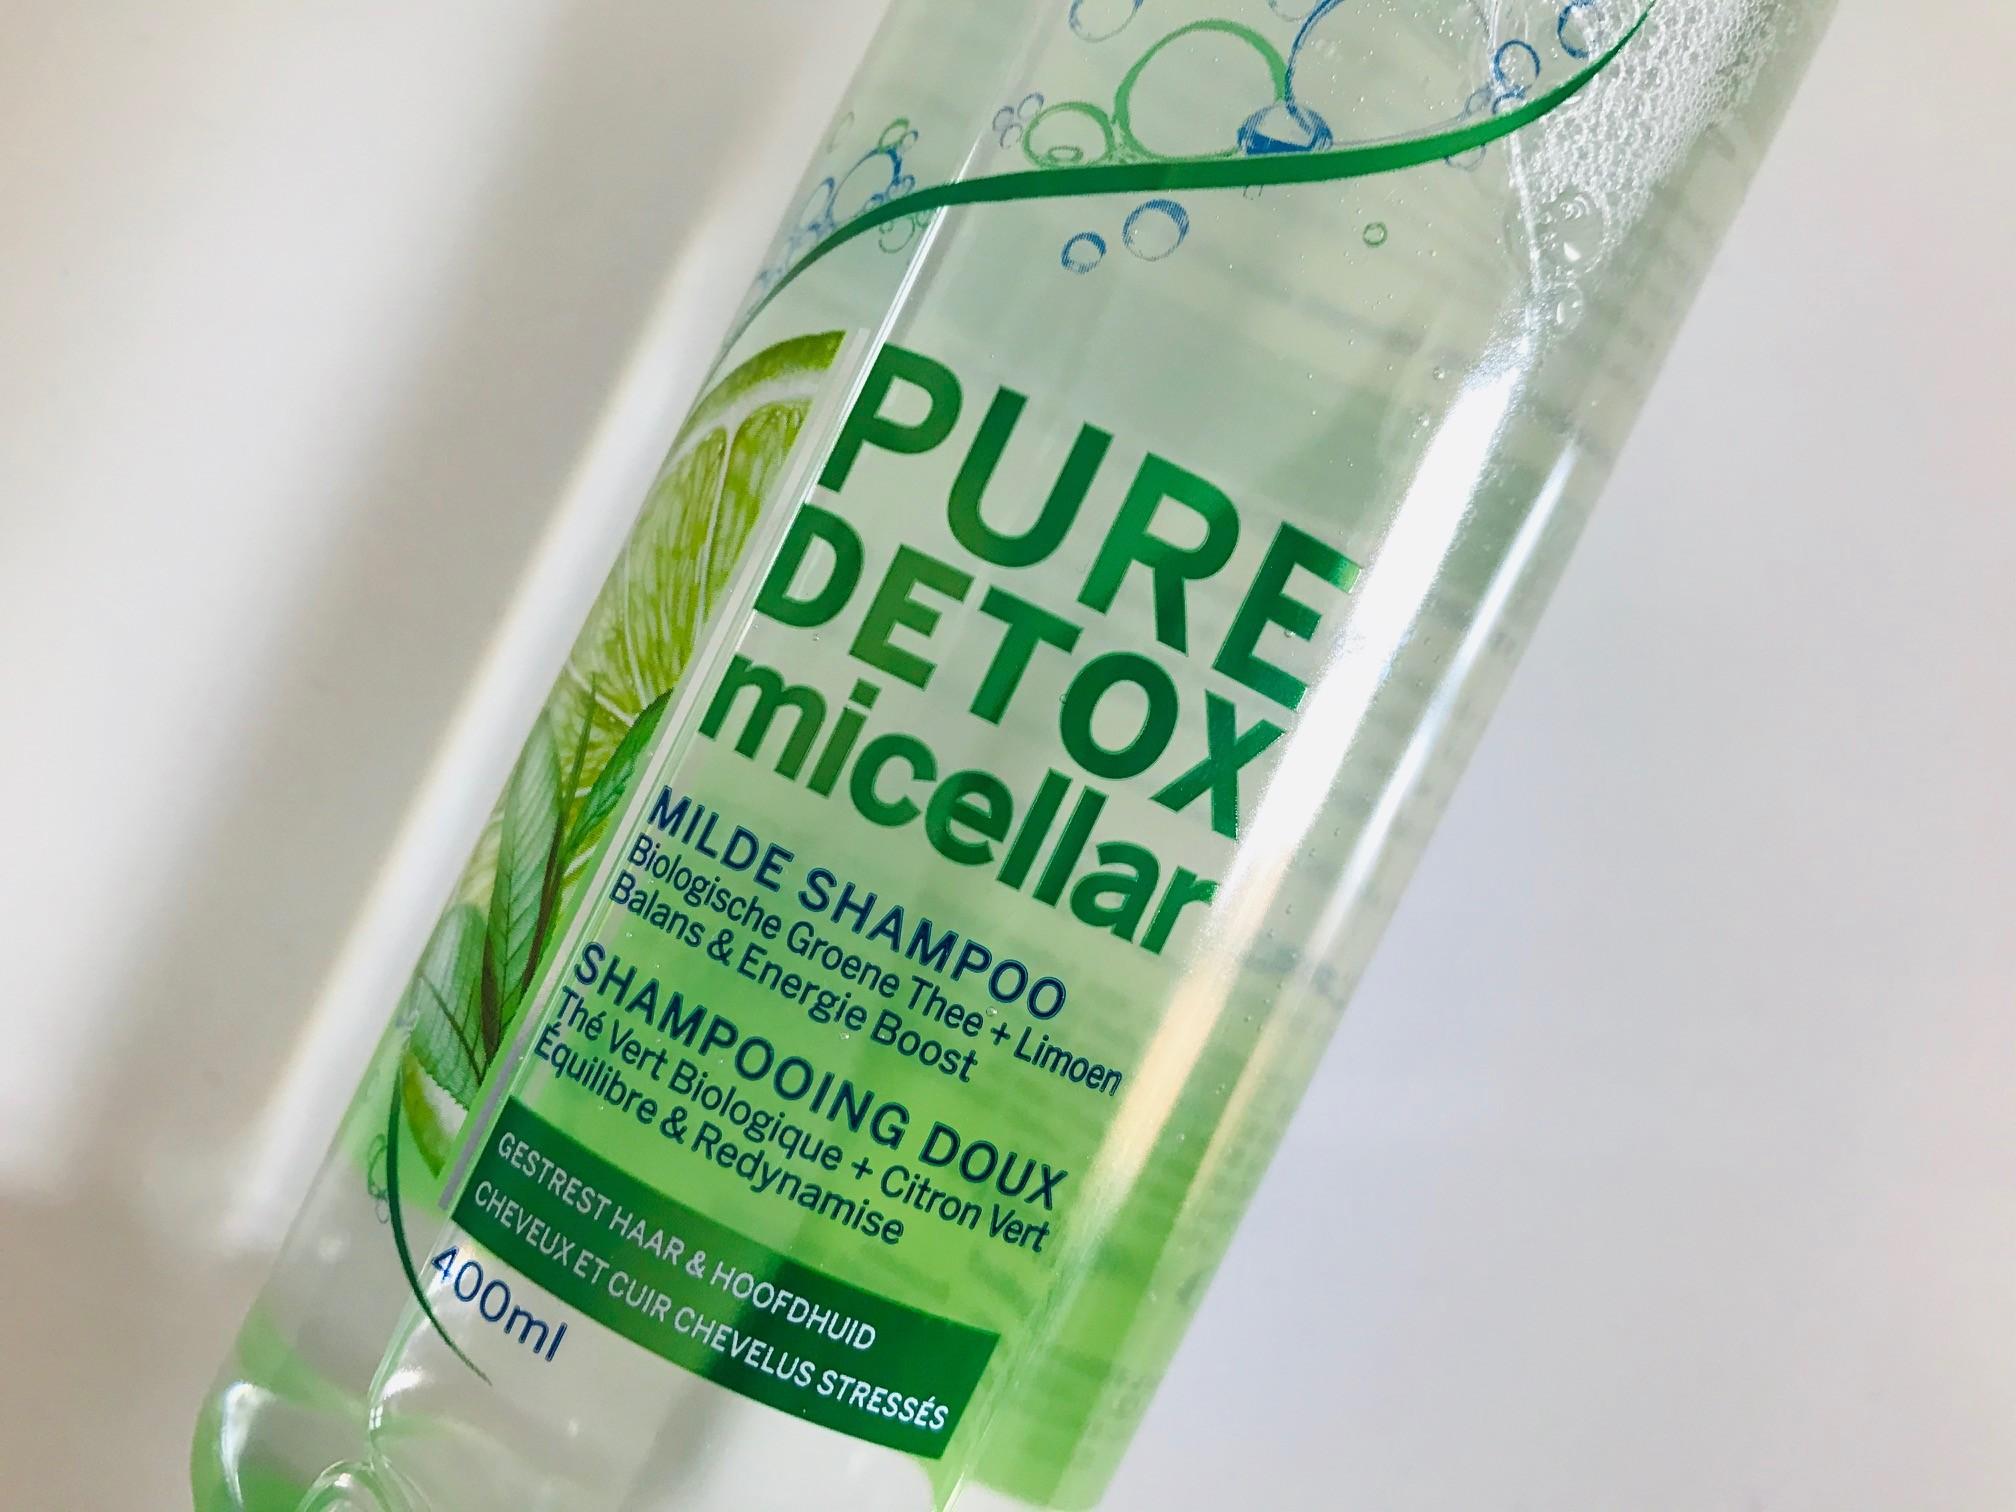 nivea-pure-detox-micellaire-shampoo